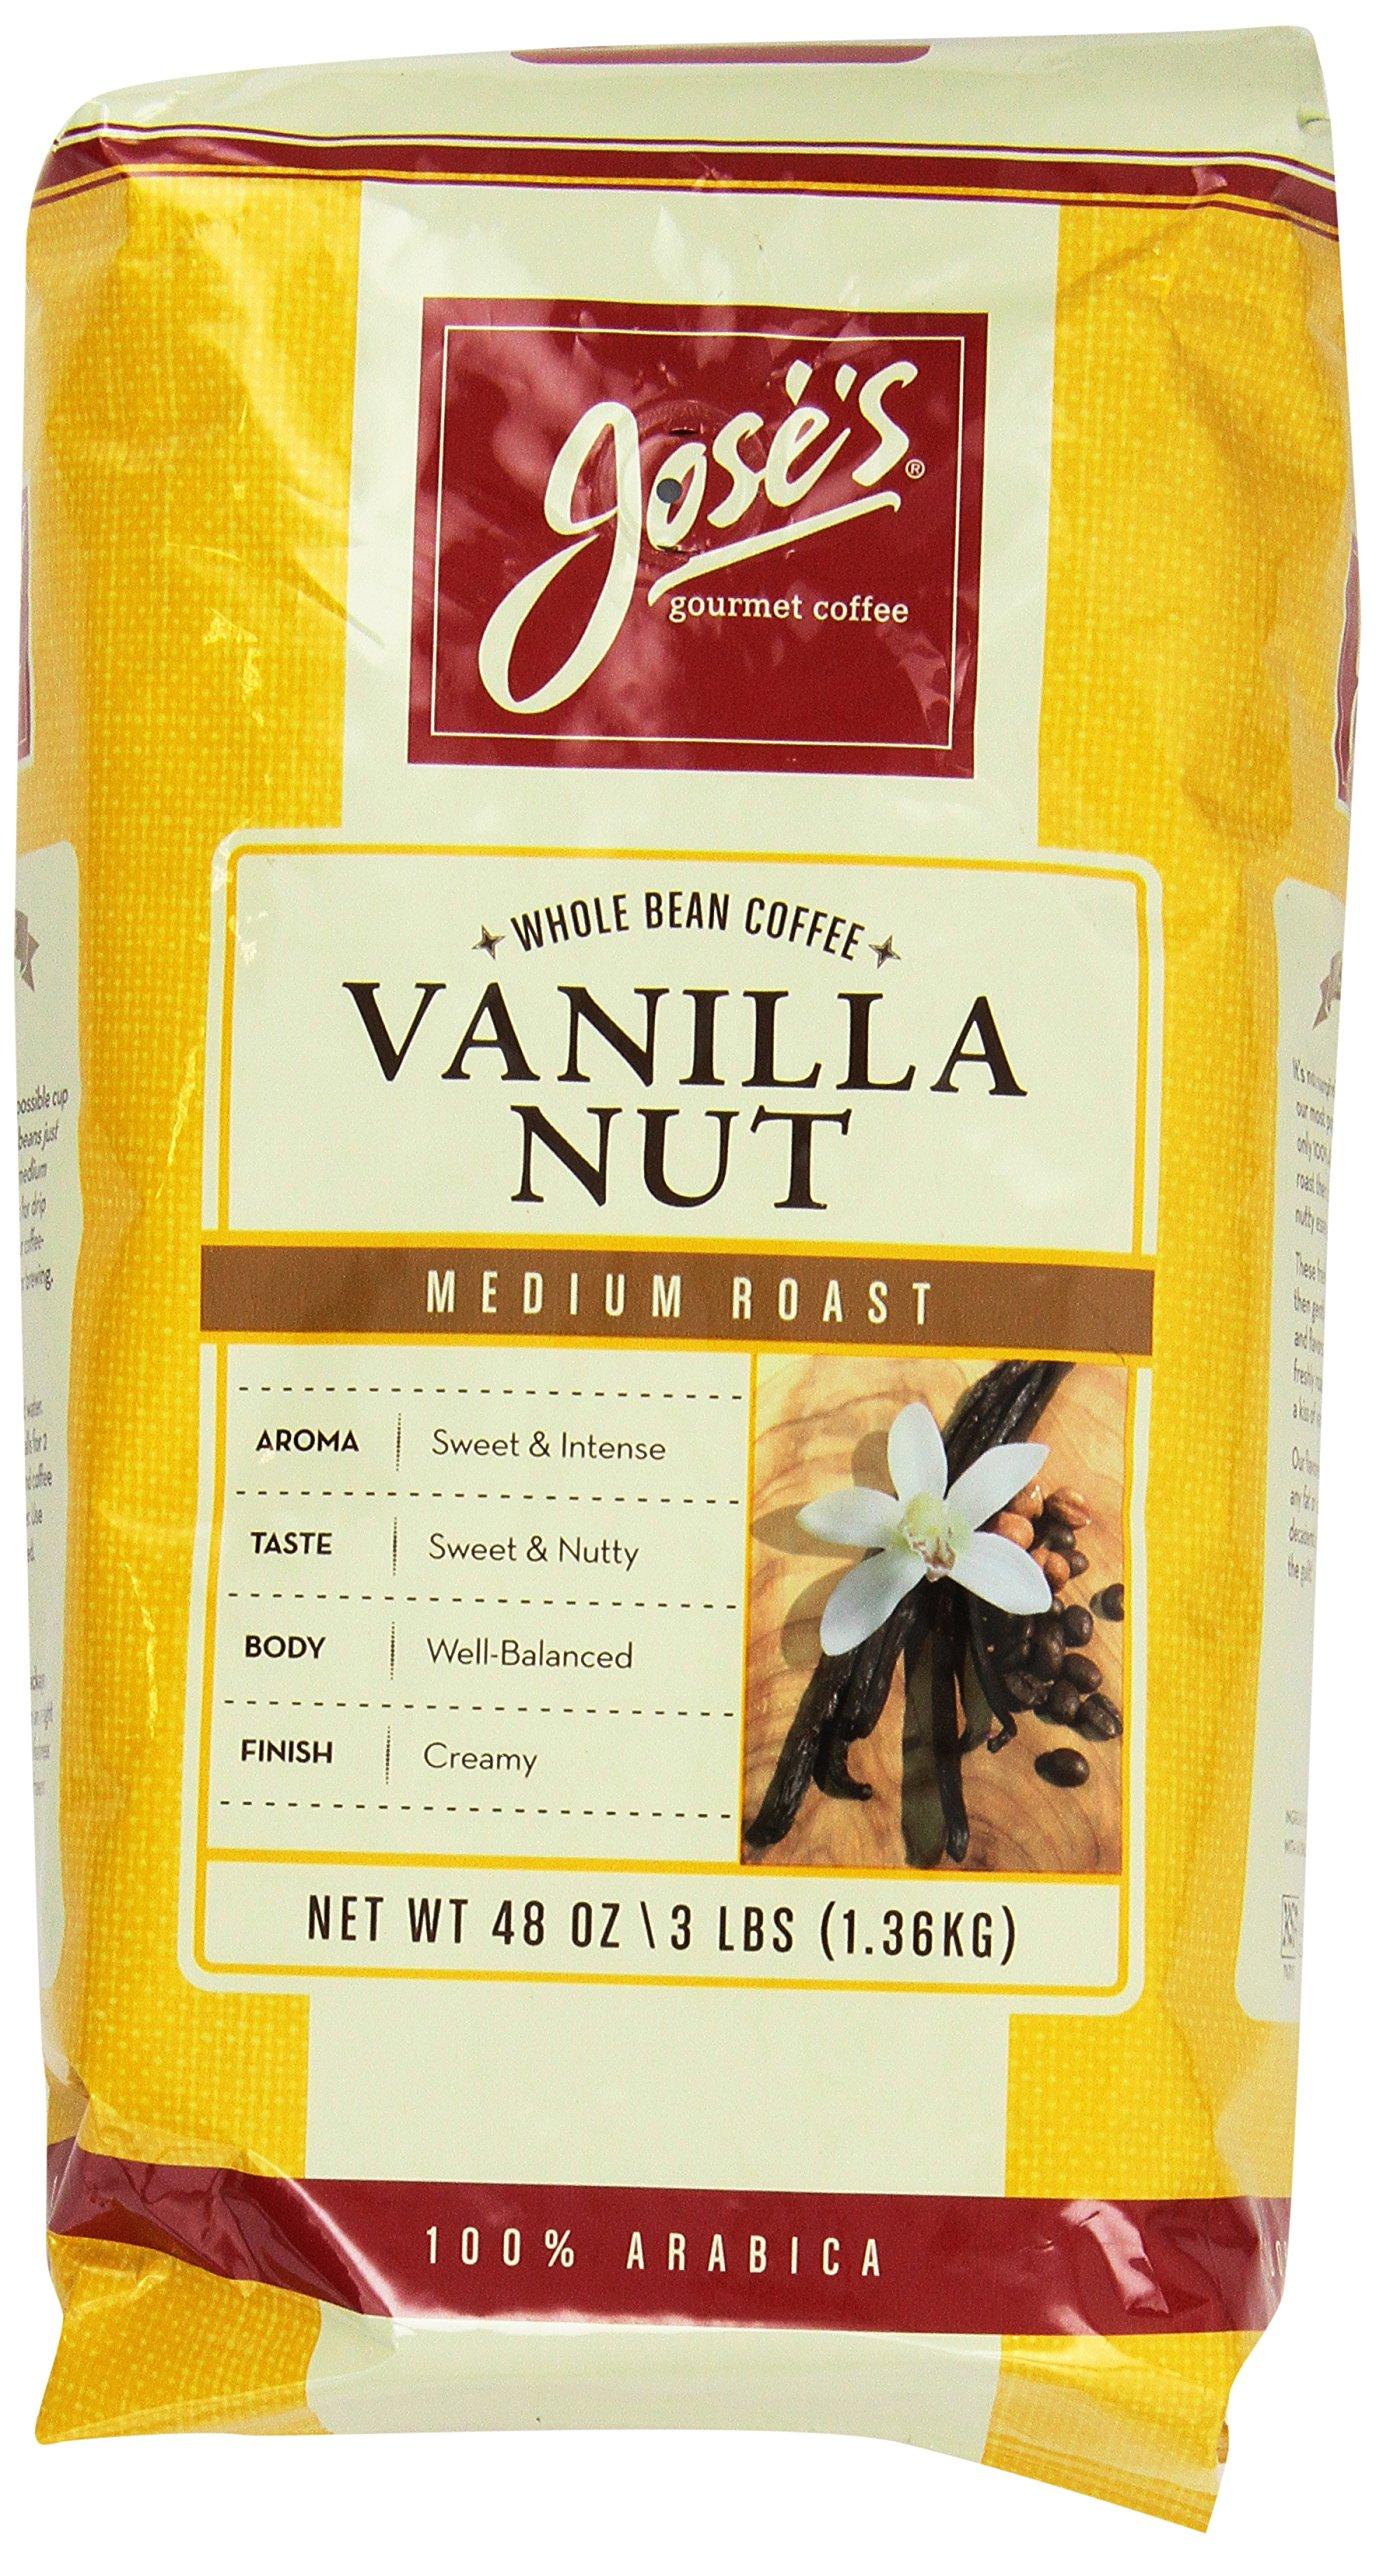 Jose's Whole Bean Coffee Vanilla Nut 3 Lbs